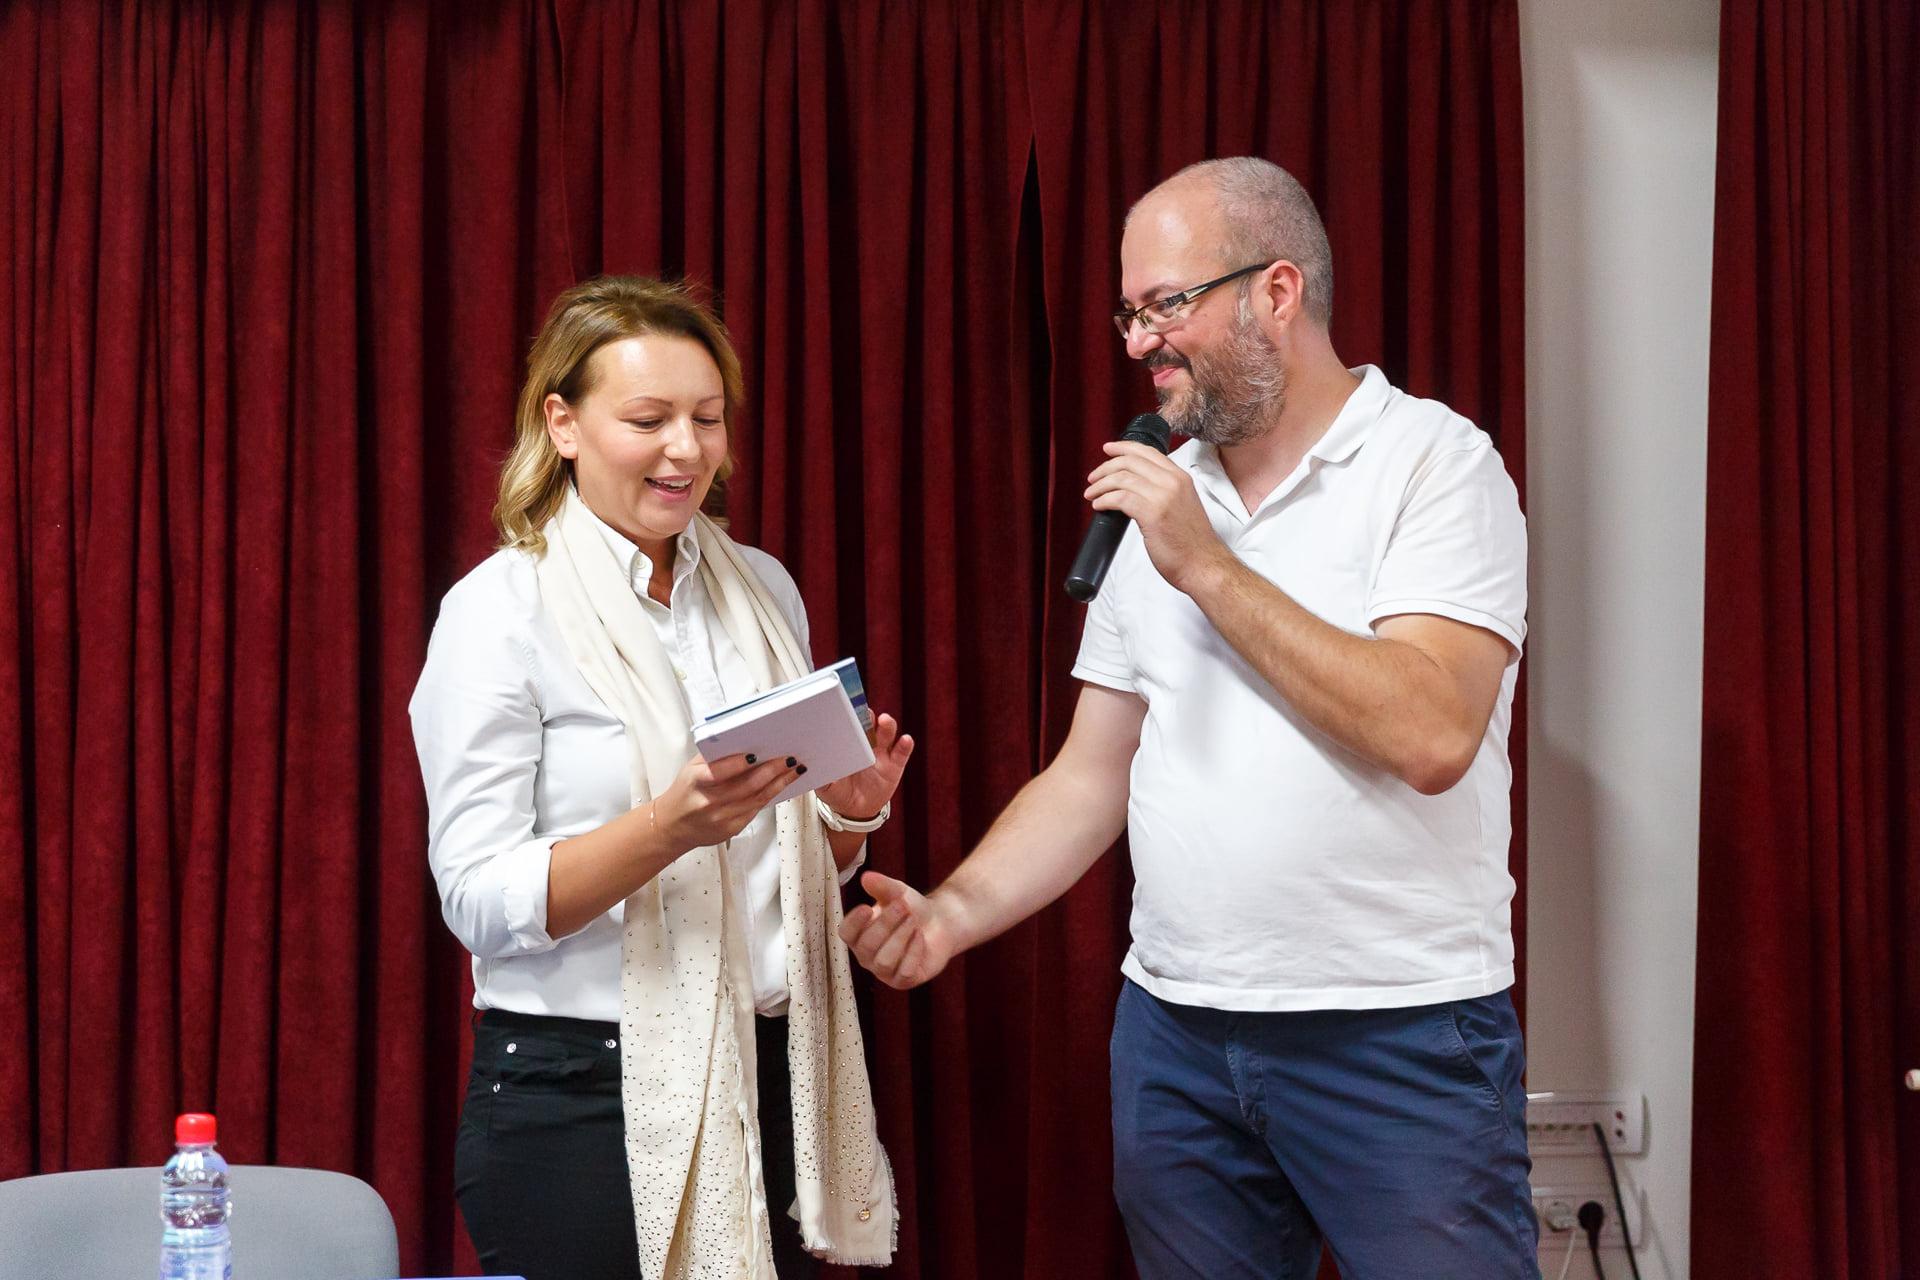 """Profesorka Neda Milošević održala predavanje na temu prevencije disleksije na Međunarodnoj konferenciji """"Iskoraci u tretmanu govorno-jezičkih poremecaja""""."""